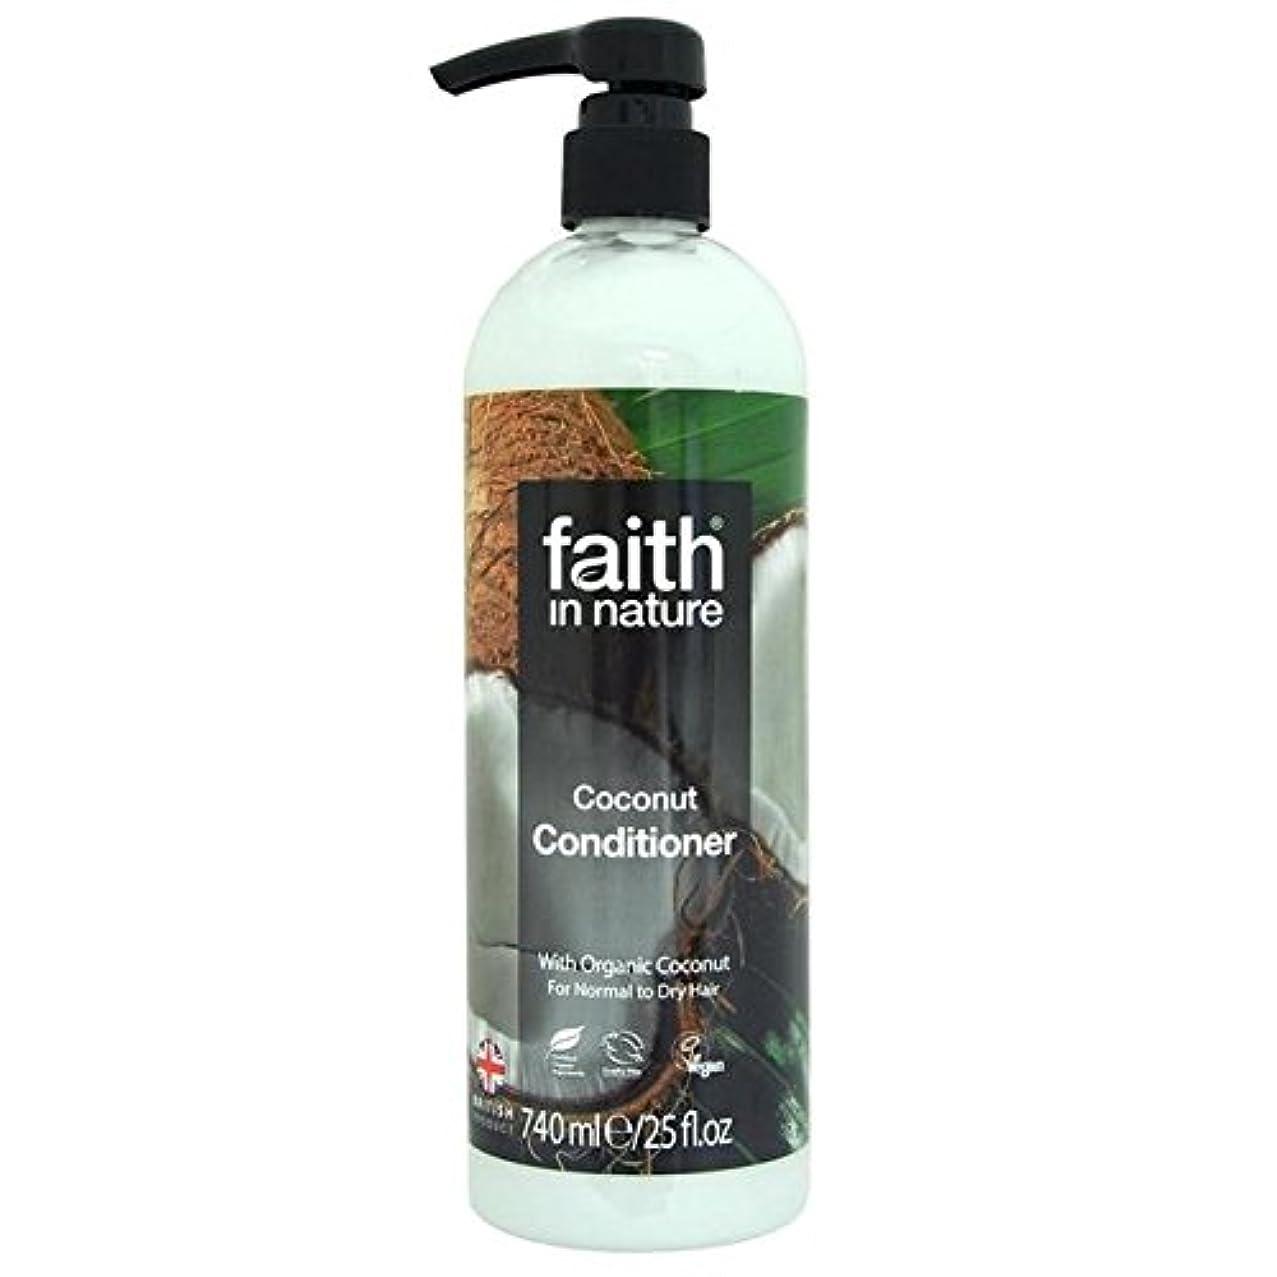 配管工クリーク降雨Faith in Nature Coconut Conditioner 740ml (Pack of 6) - (Faith In Nature) 自然ココナッツコンディショナー740ミリリットルの信仰 (x6) [並行輸入品]